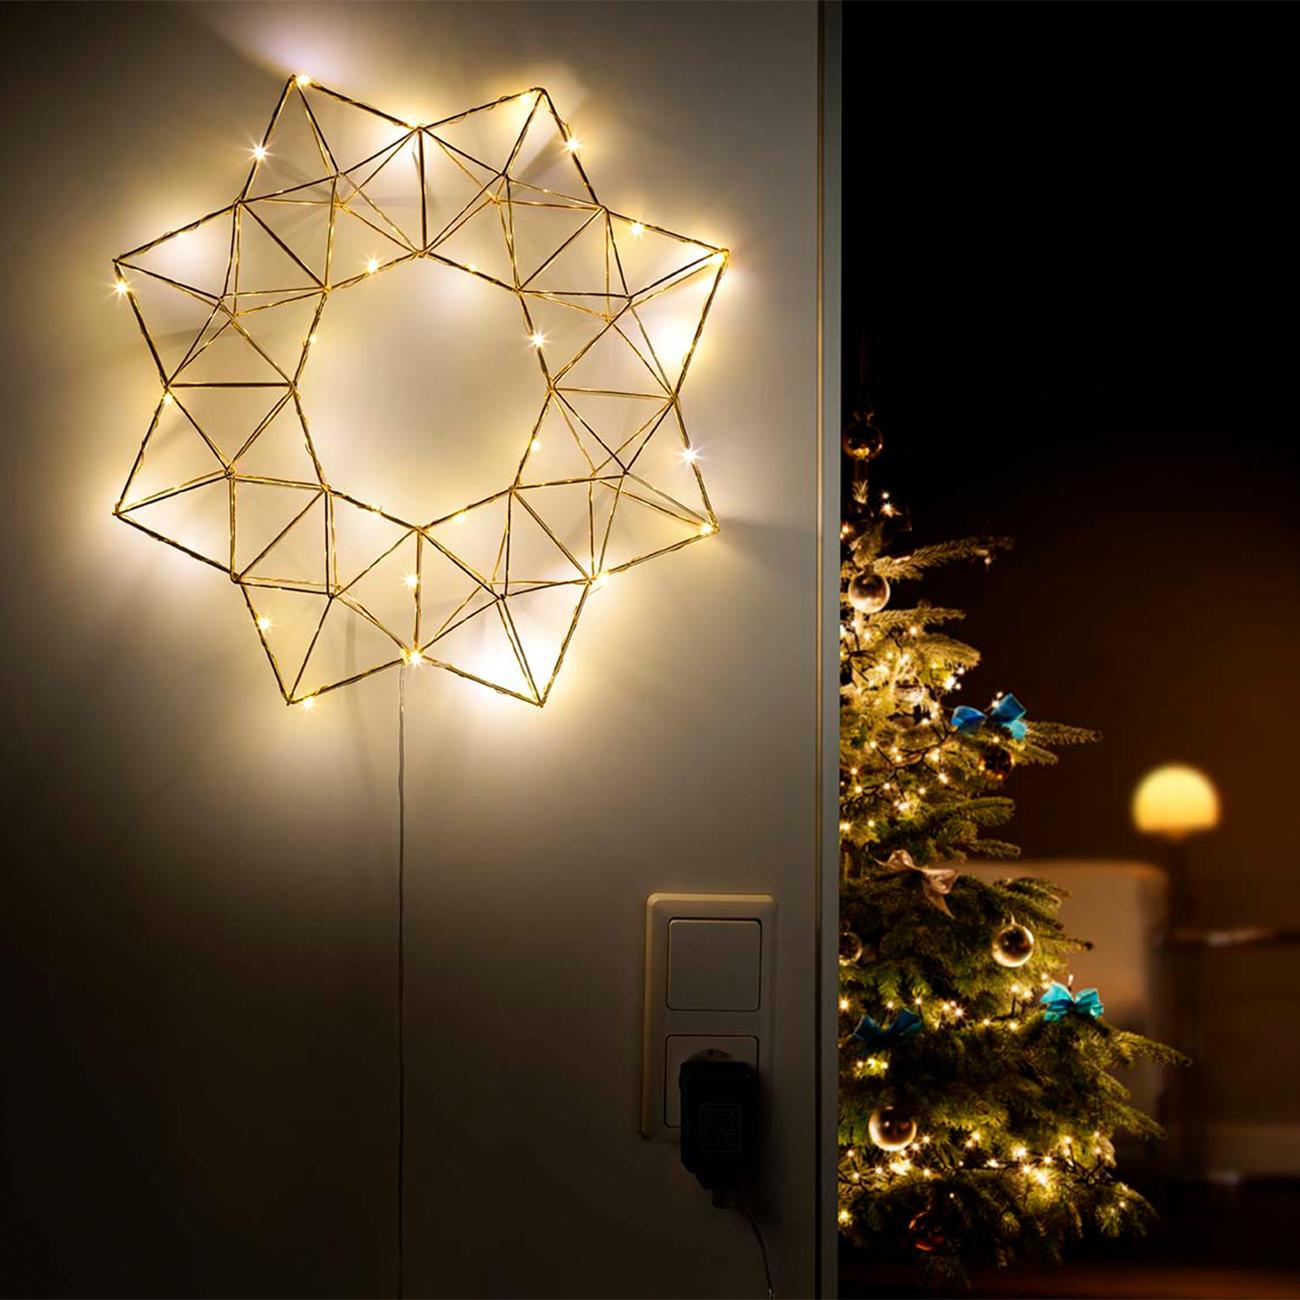 Weihnachtsbeleuchtung Kranz.Weihnachtsbeleuchtung Pyramiden Lichtstern Led Dekoleuchte Led Kranz